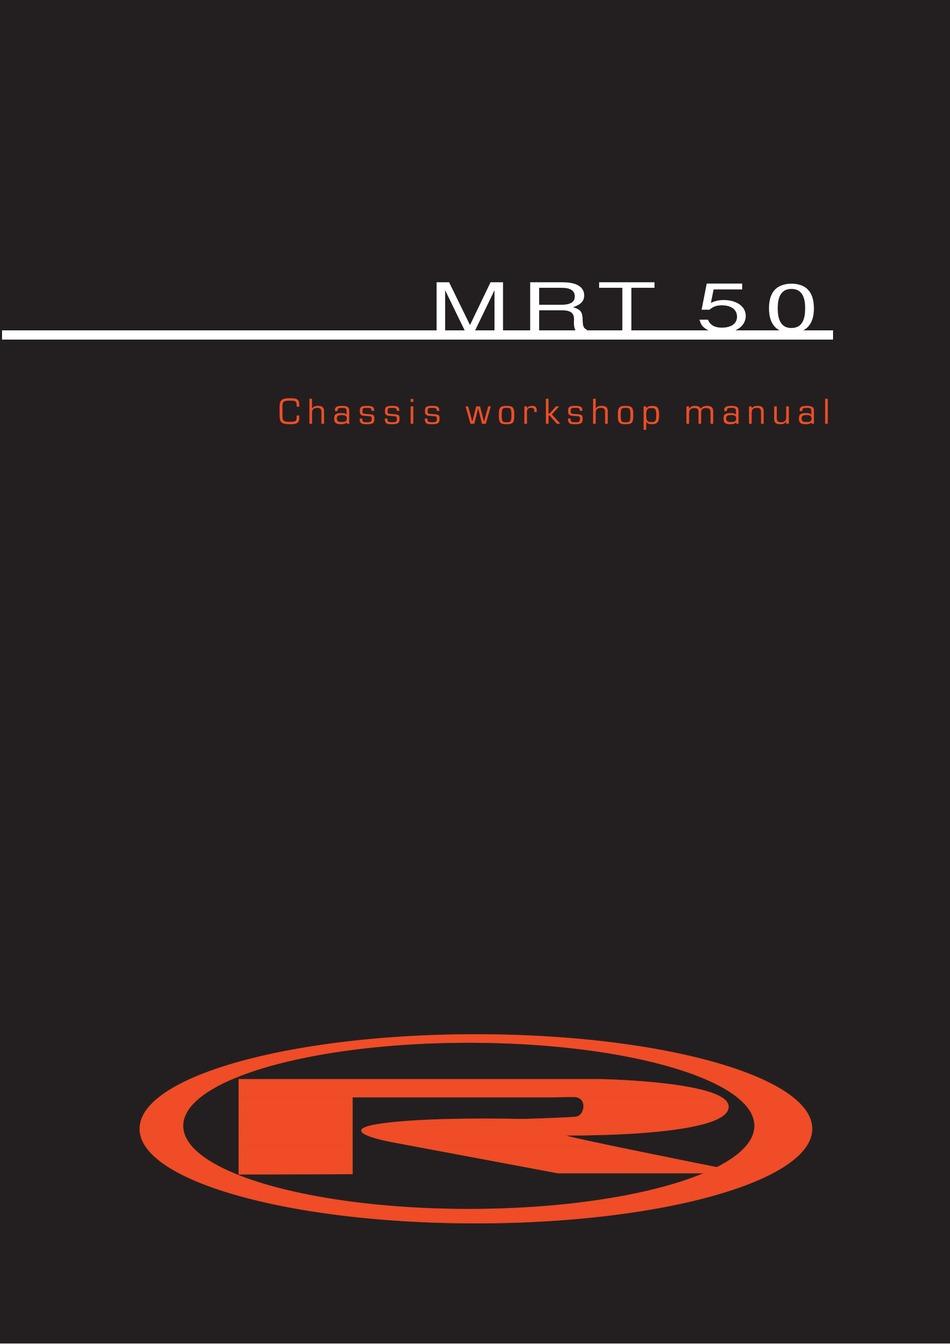 SERRATURA RIEJU 50 MRT 2008-2013